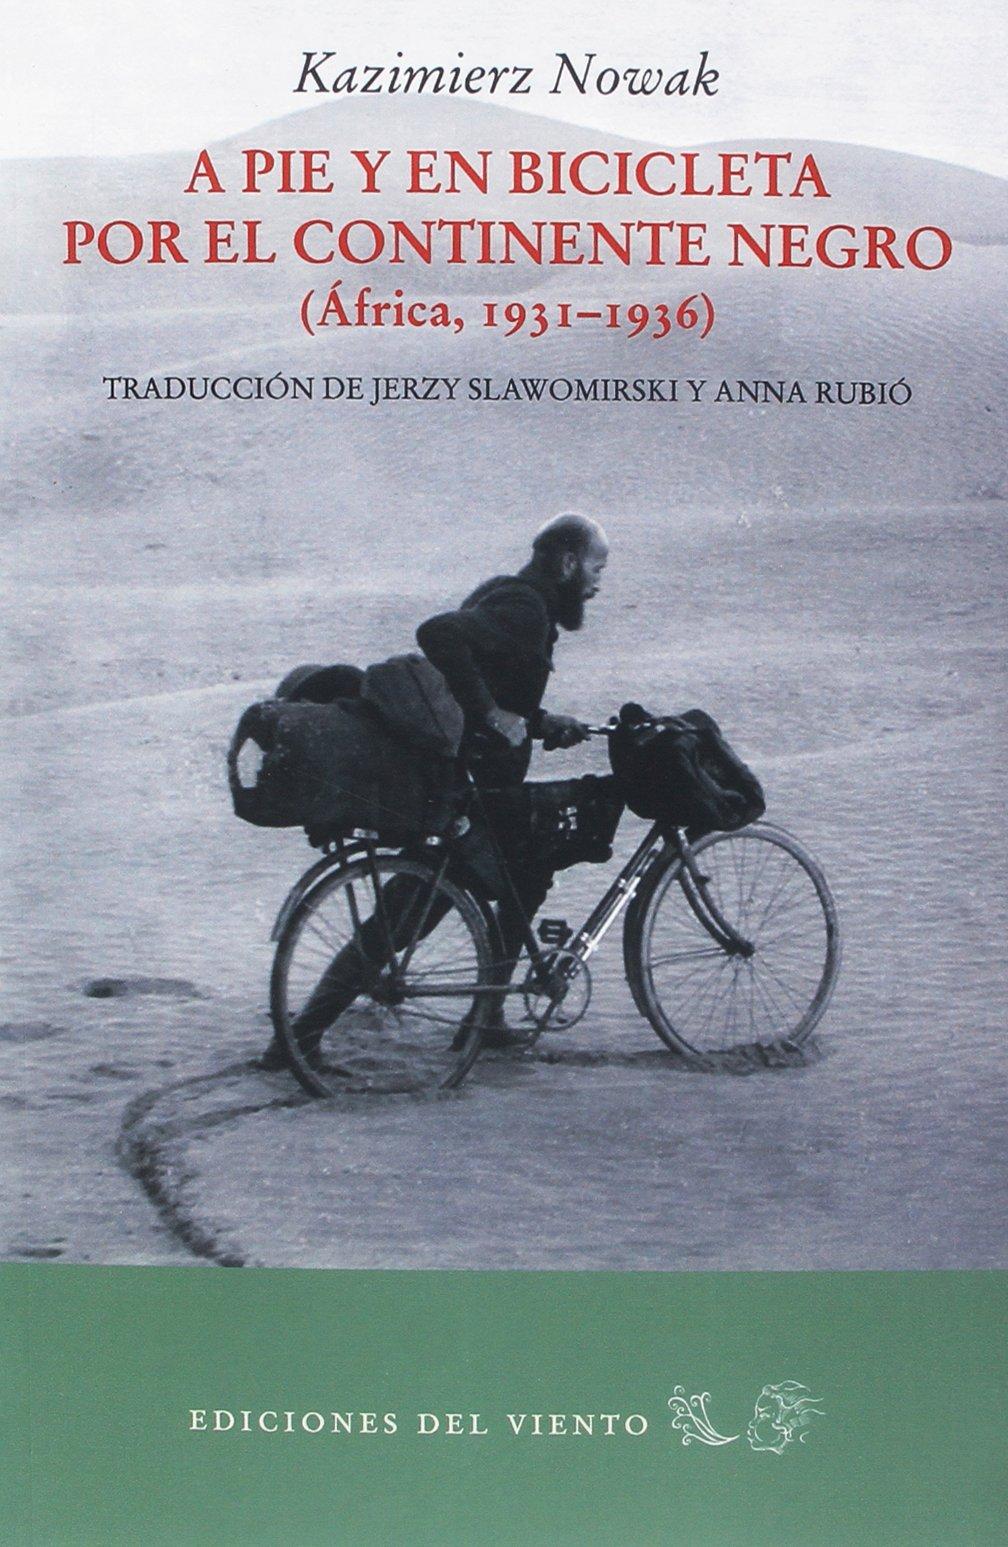 A pie y en bicicleta por el continente negro: ÁFRICA 1931-1936 Viento Simún: Amazon.es: Nowak, Kazimierz, Slawomirski, Jerzy, Rubió, Anna: Libros